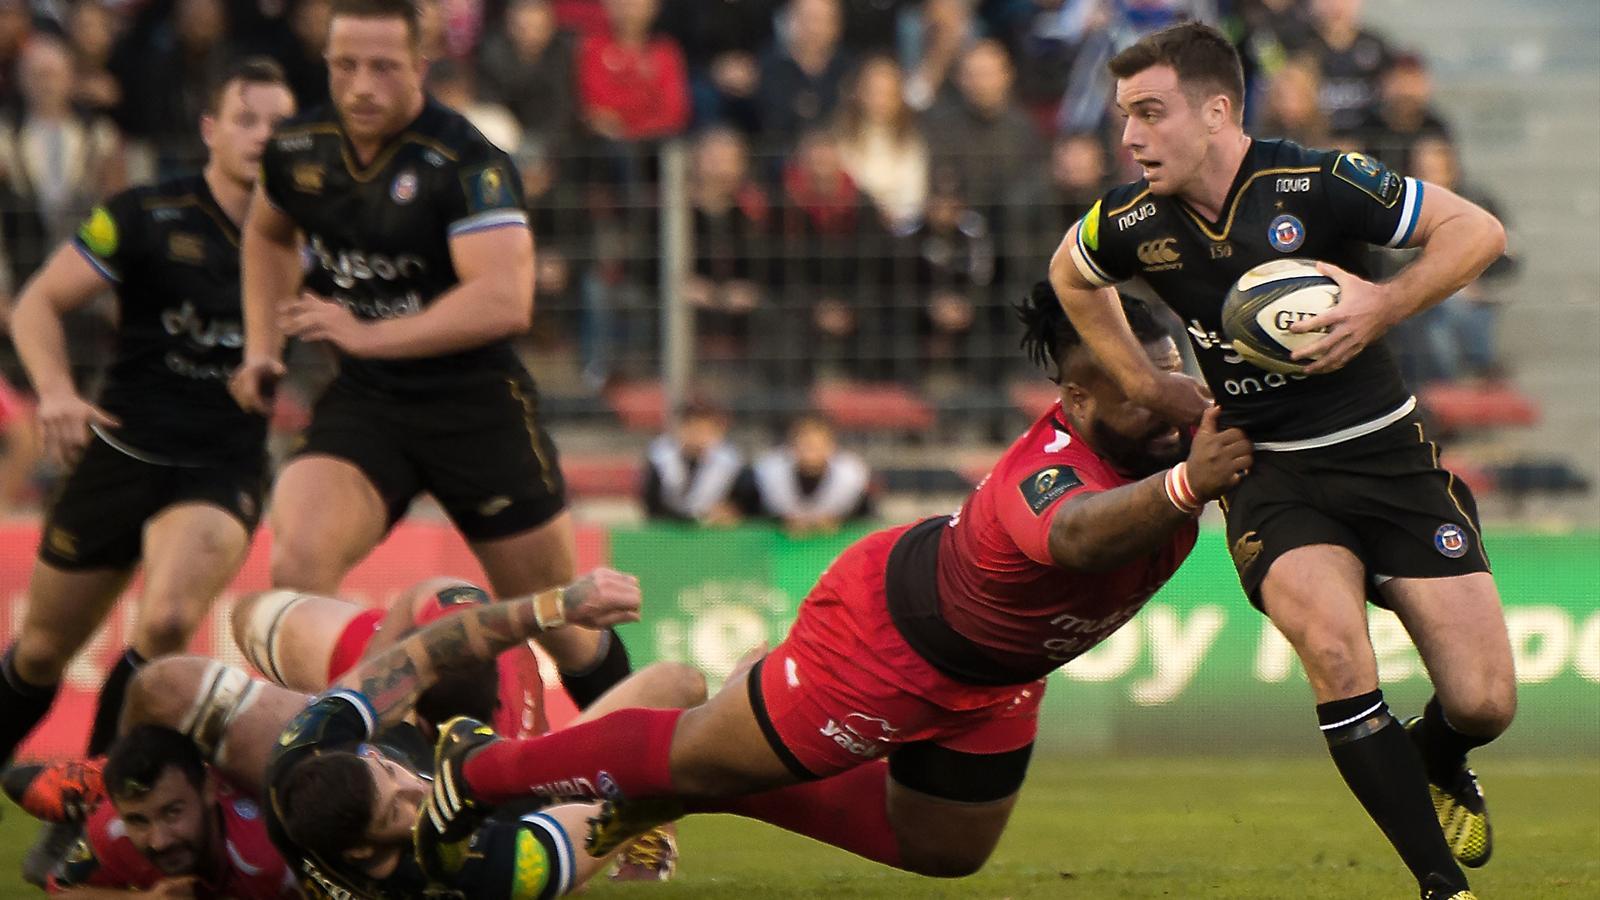 George Ford (Bath) tente d'échapper à Mathieu Bastaraud (Toulon)